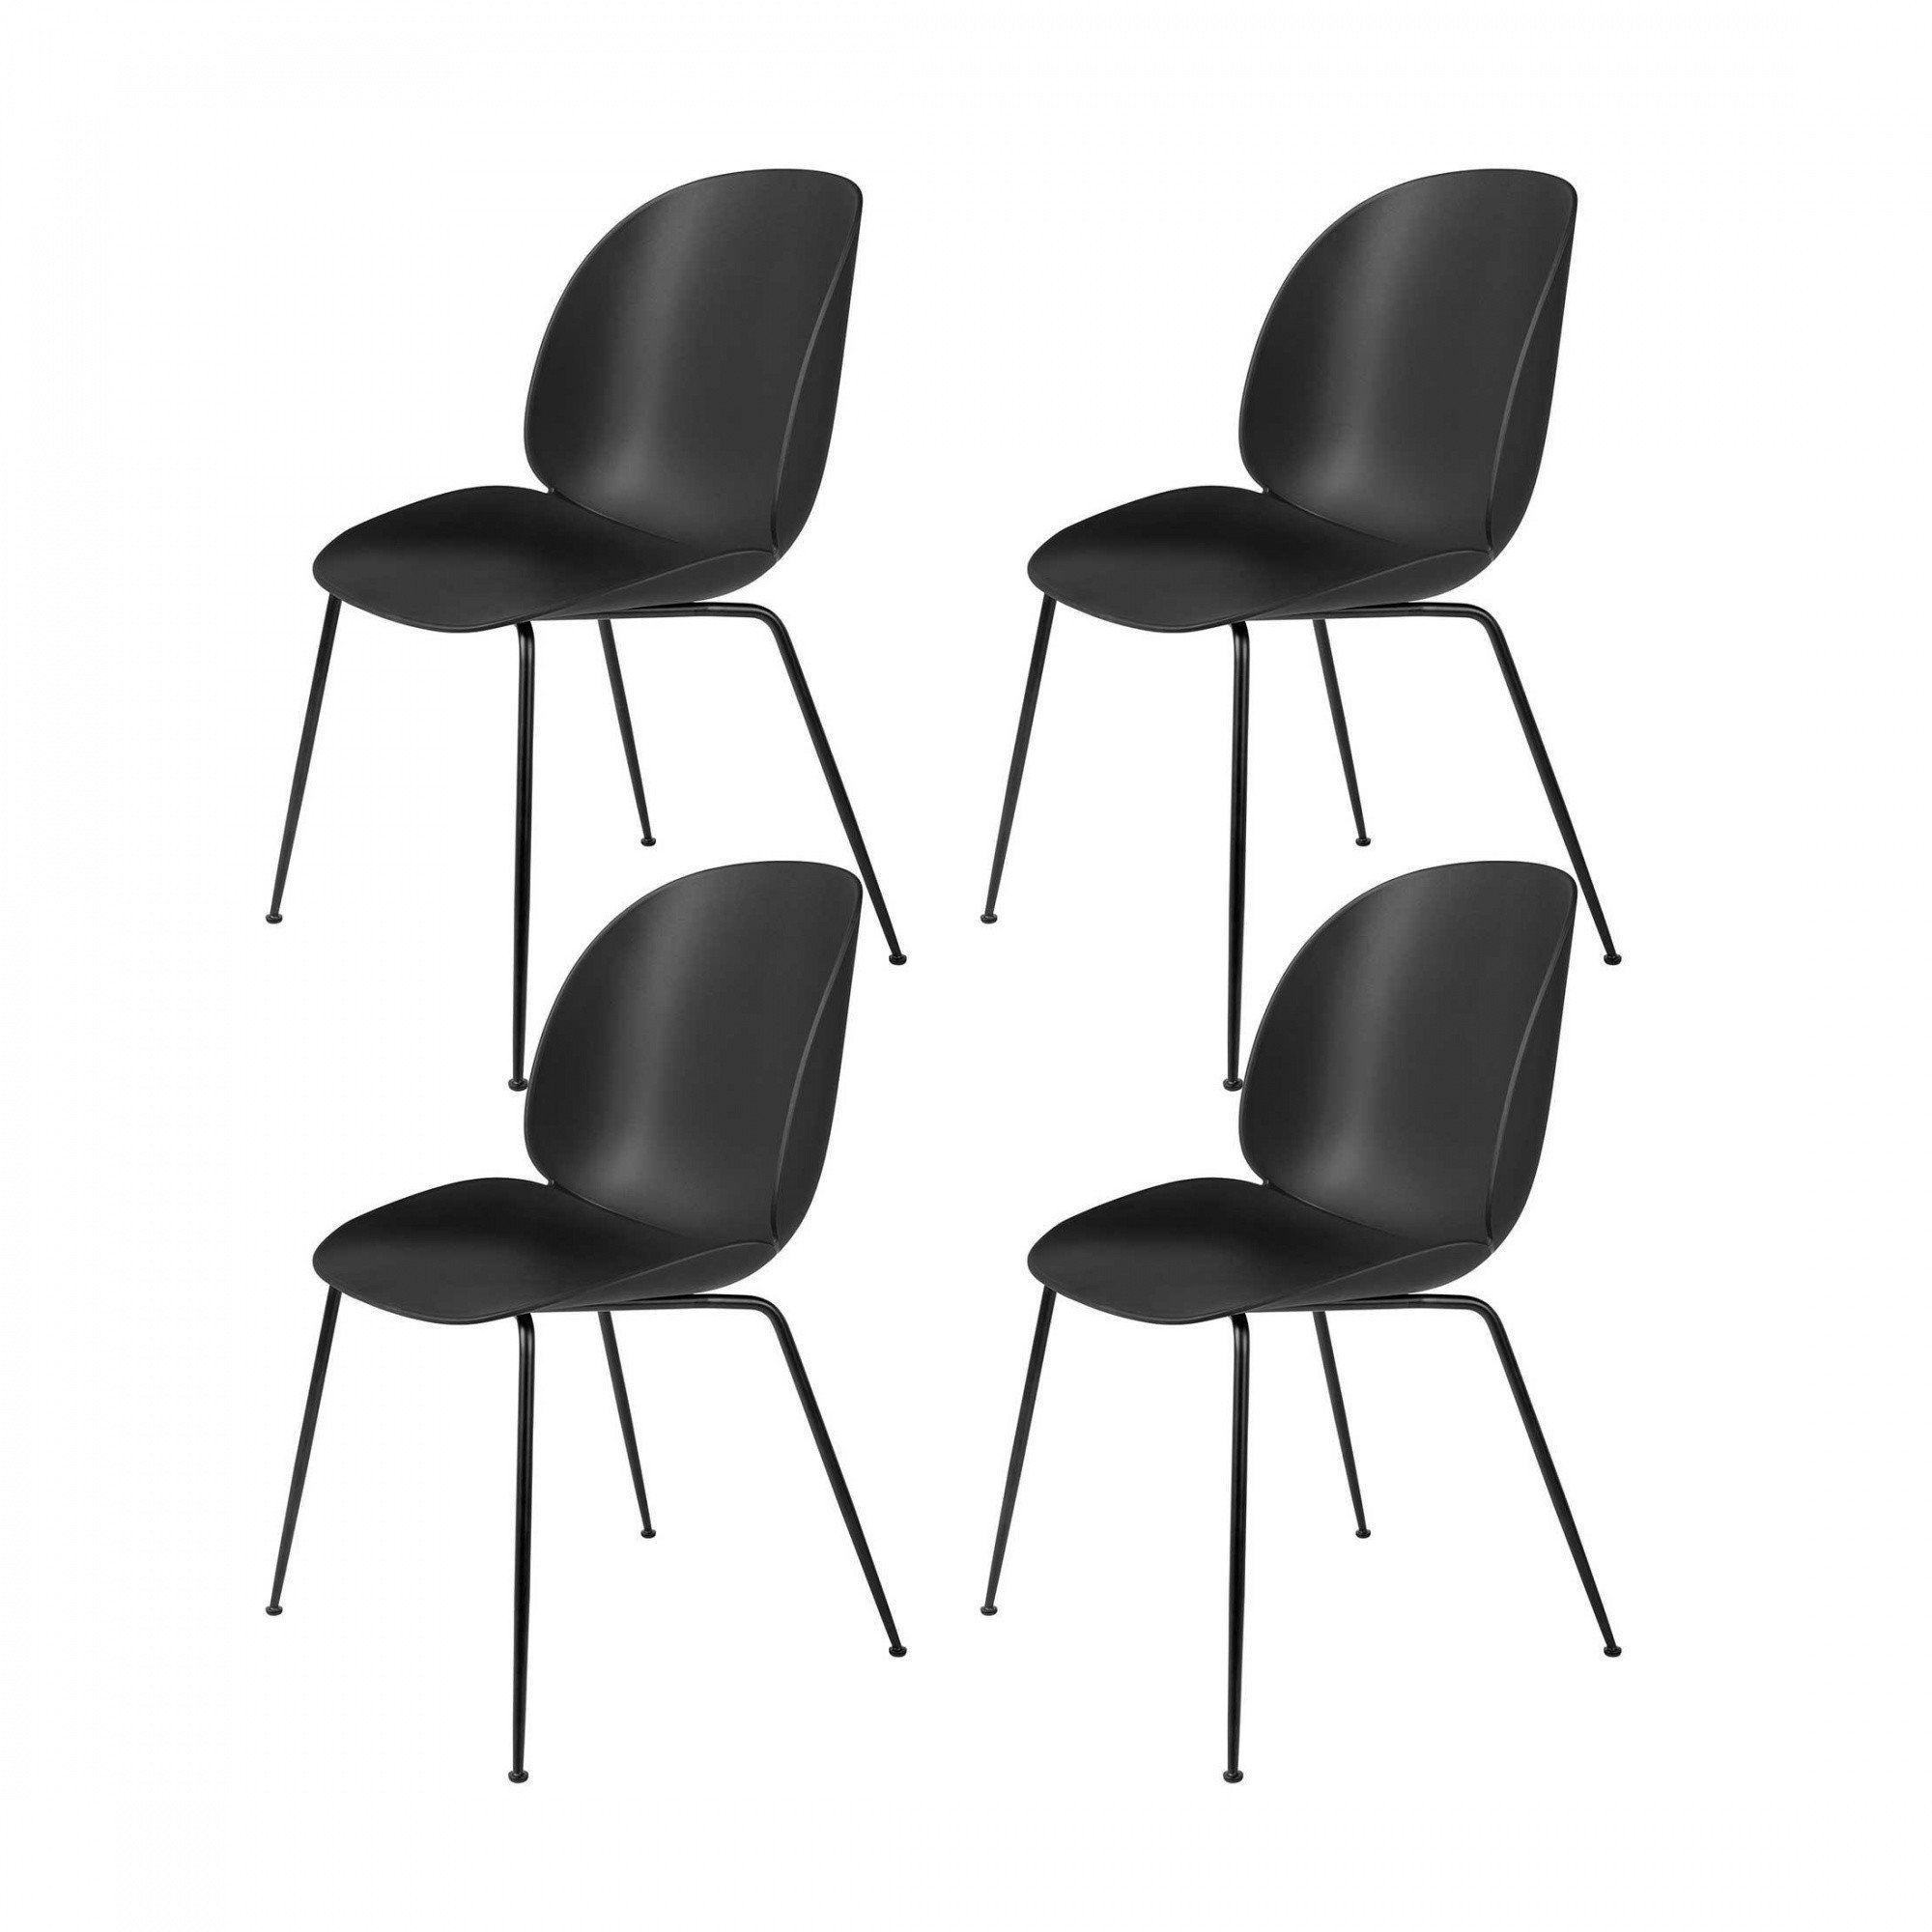 gubi beetle dining chair set of 4 ambientedirect. Black Bedroom Furniture Sets. Home Design Ideas